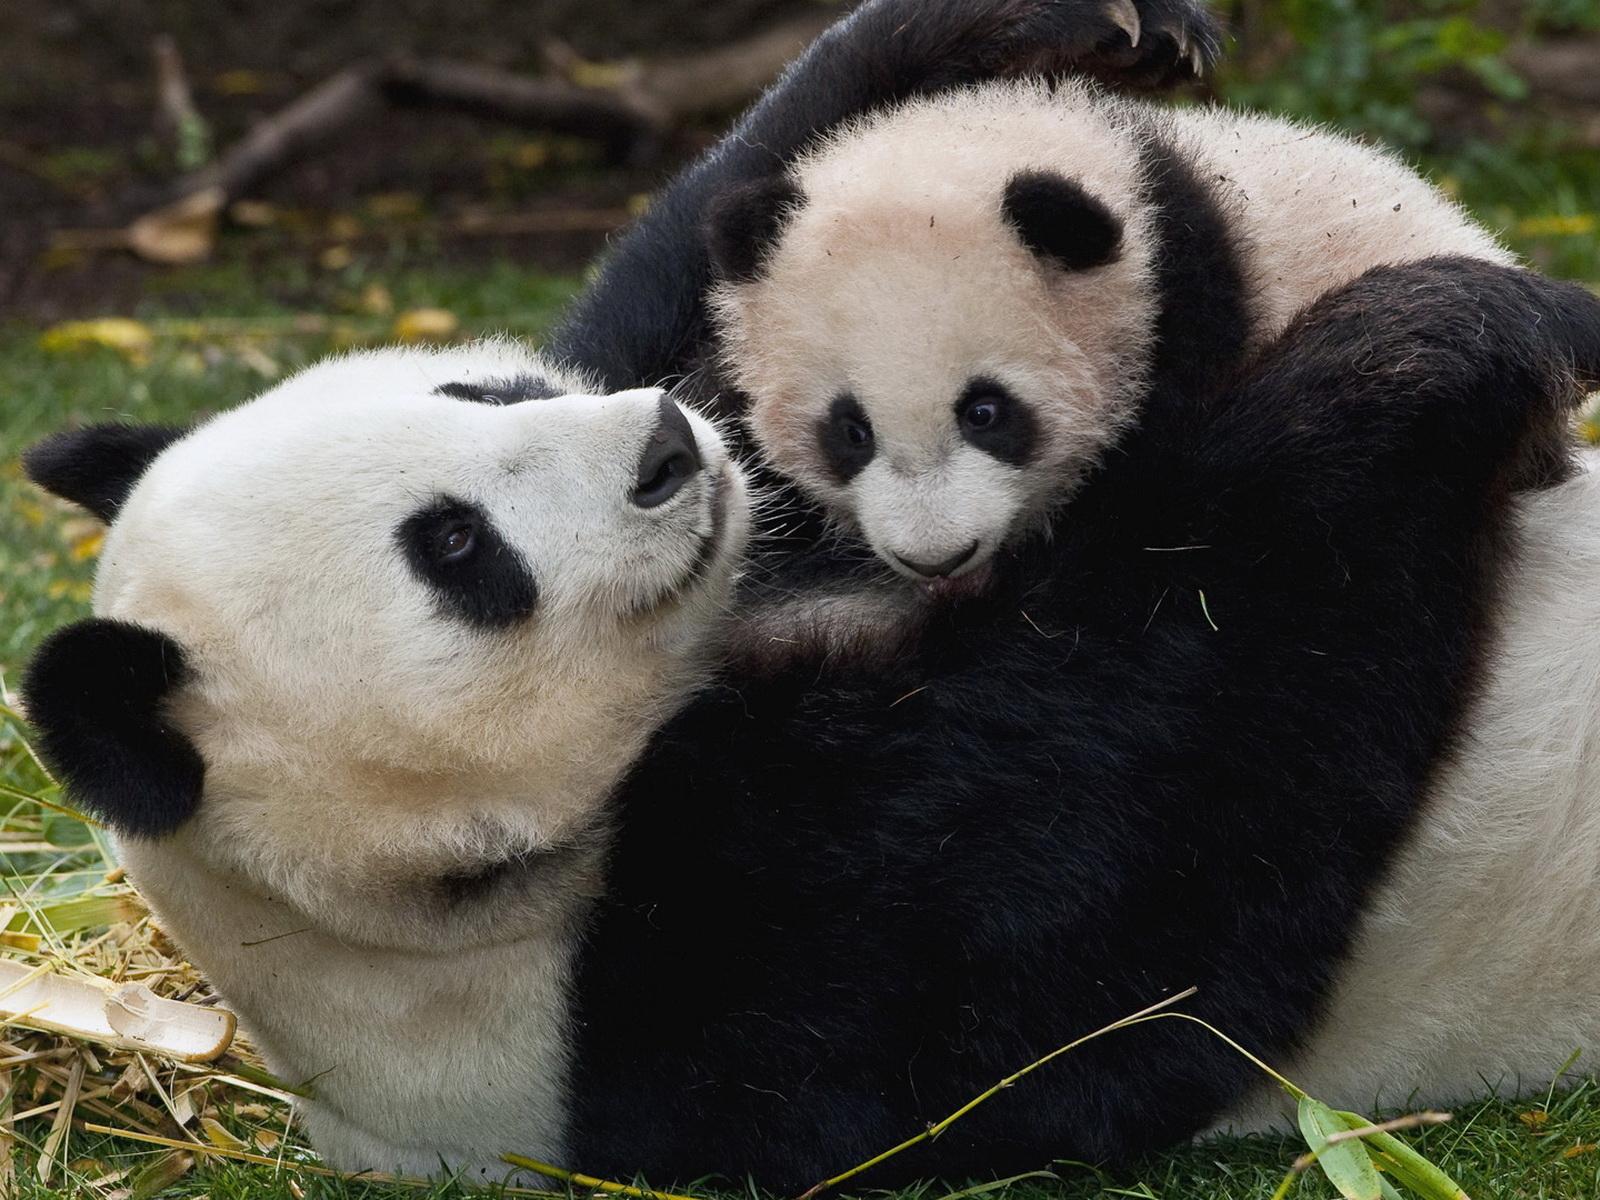 panda and baby panda uploaded silvery 2012 01 17 downloads 1600x1200